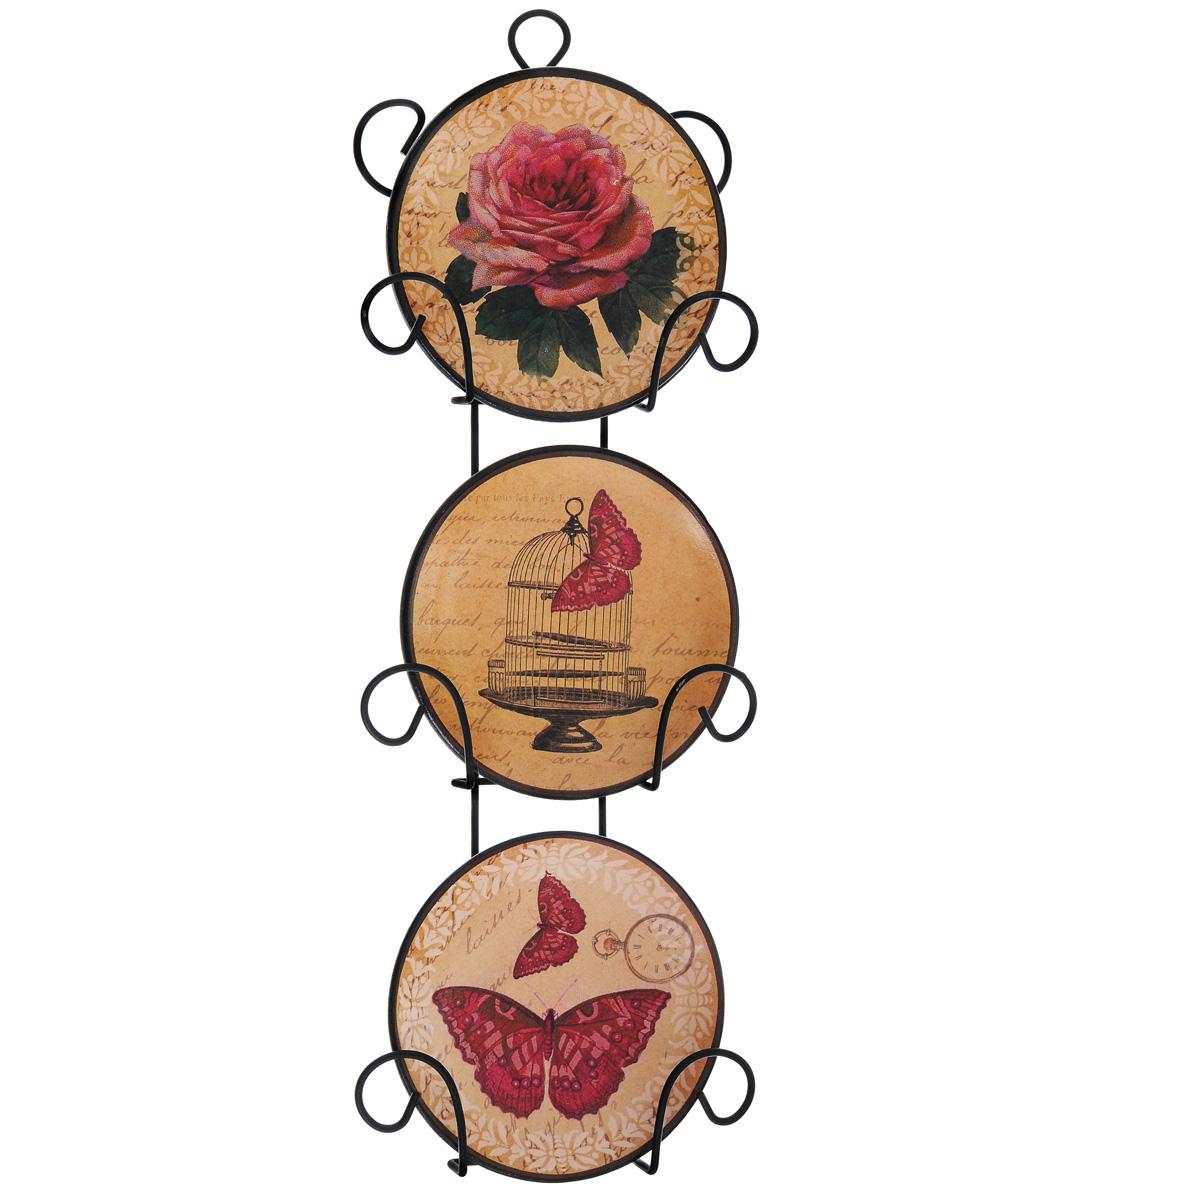 Набор декоративных тарелок Бабочки, диаметр 10 см, 3 шт54 009312Набор из трех декоративных тарелок с ярким рисунком украсят практически любое ваше помещение, будь то кухня, столовая, гостиная, холл и будут являться необычным дизайнерским решением. Тарелки выполнены из доломитовой керамики, подставка в виде вертикальной этажерки,благодаря которой сувенир удобно и быстро крепится к стене, - из черного металла. Каждая тарелочка, декорированная изображениями розы, клетки и бабочек, помещается в отдельную нишу. Очаровательный набор декоративных тарелок - замечательный подарок друзьям и близким людям. Размер тарелки (без подставки): 10 см х 10 см х 1,5 см. Размер сувенира с подставкой: 2,5 см х 11,5 см х 33 см.